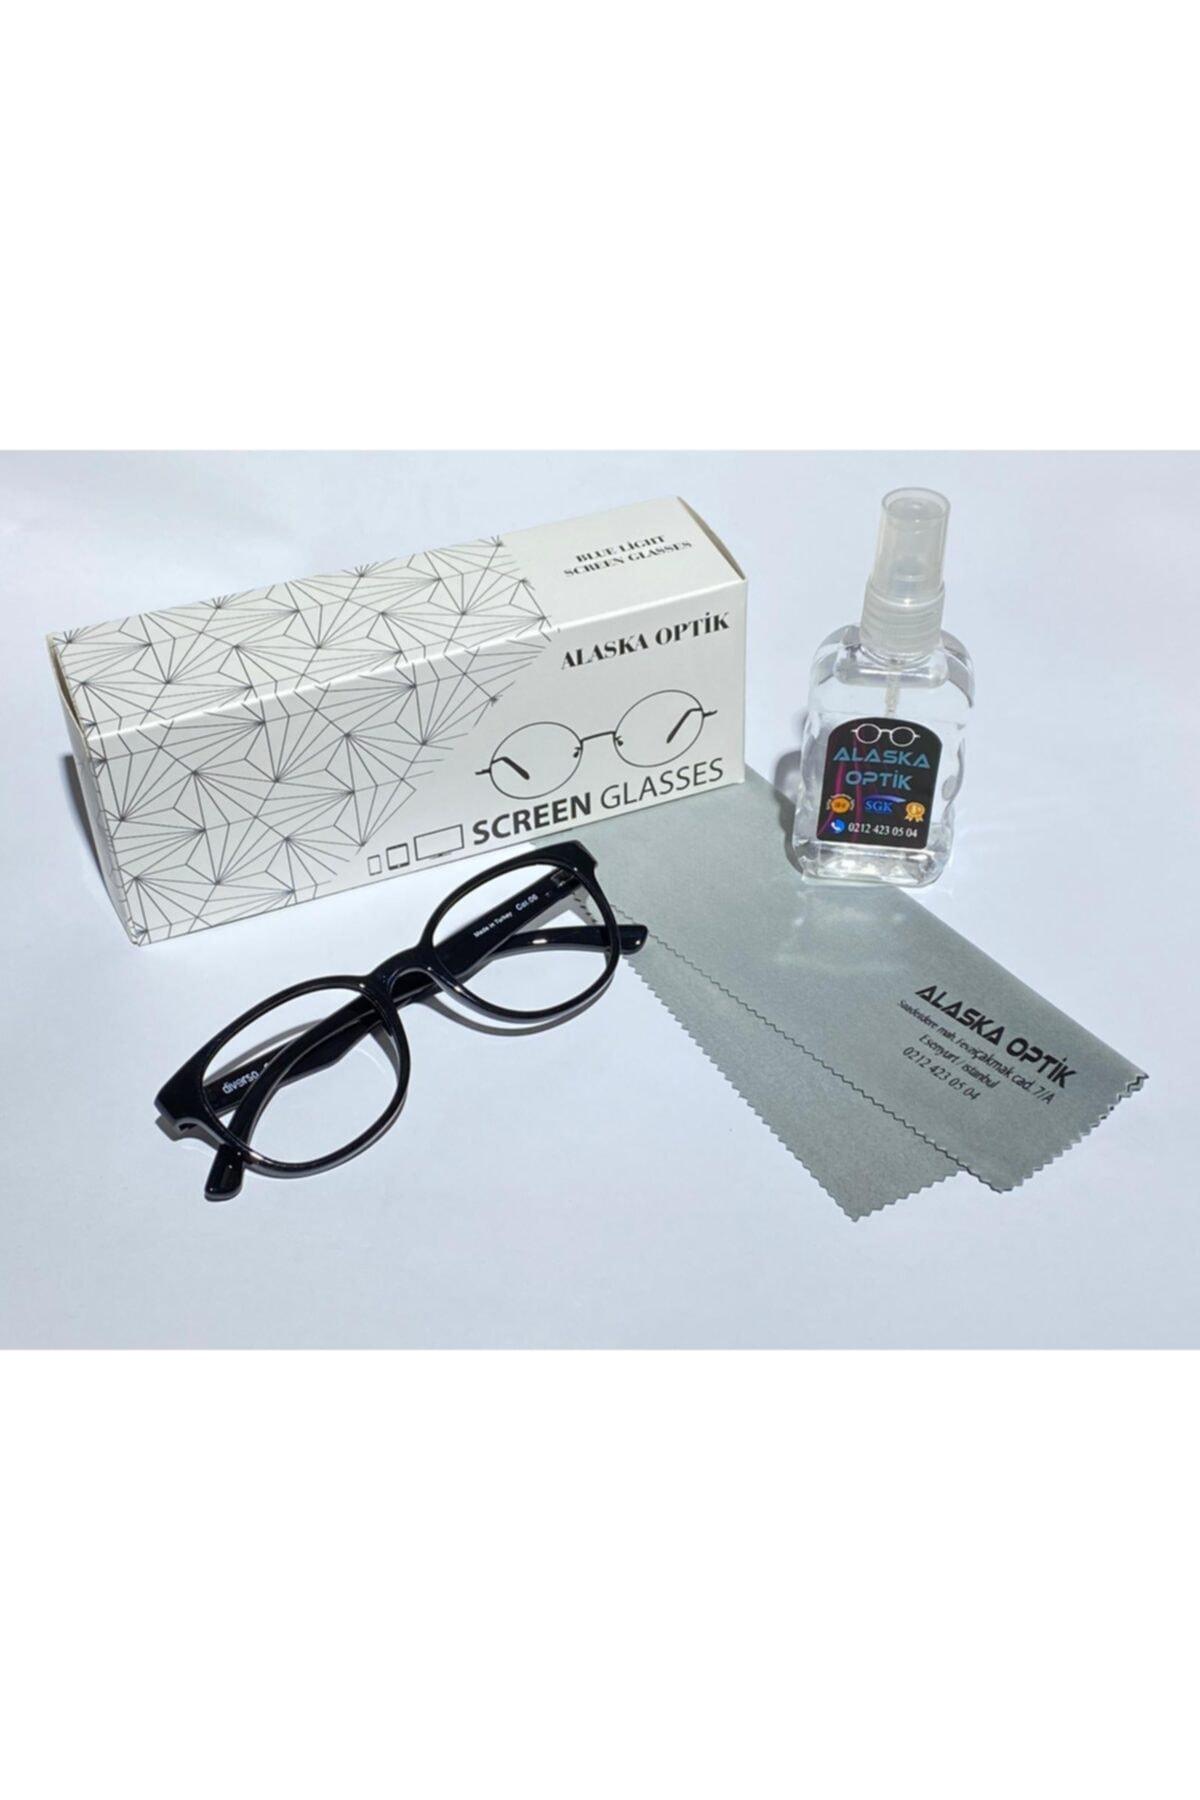 AlaskaEyewear Blue, Bilgisayar Telefon, Mavi Işık Korumalı Ekran Gözlüğü Büyük Boy Uv400, 1